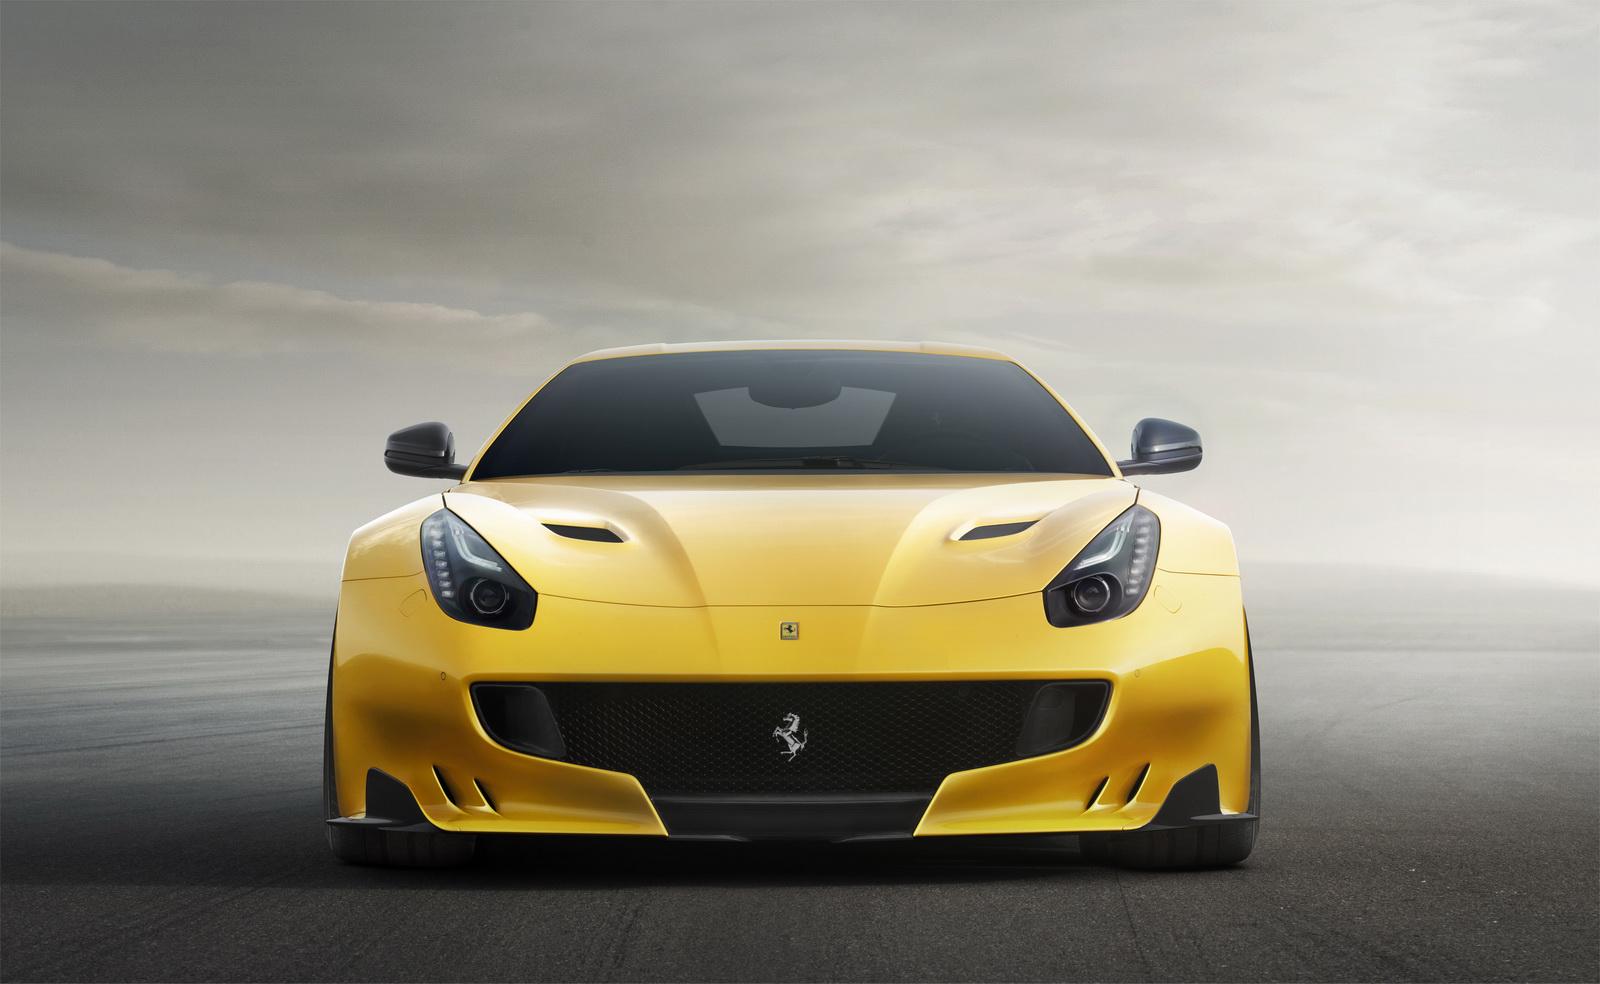 Có thể siêu xe Hybrid đầu tiên của Ferrari sẽ sử dụng hình mẫu lai với F12 Berlinetta